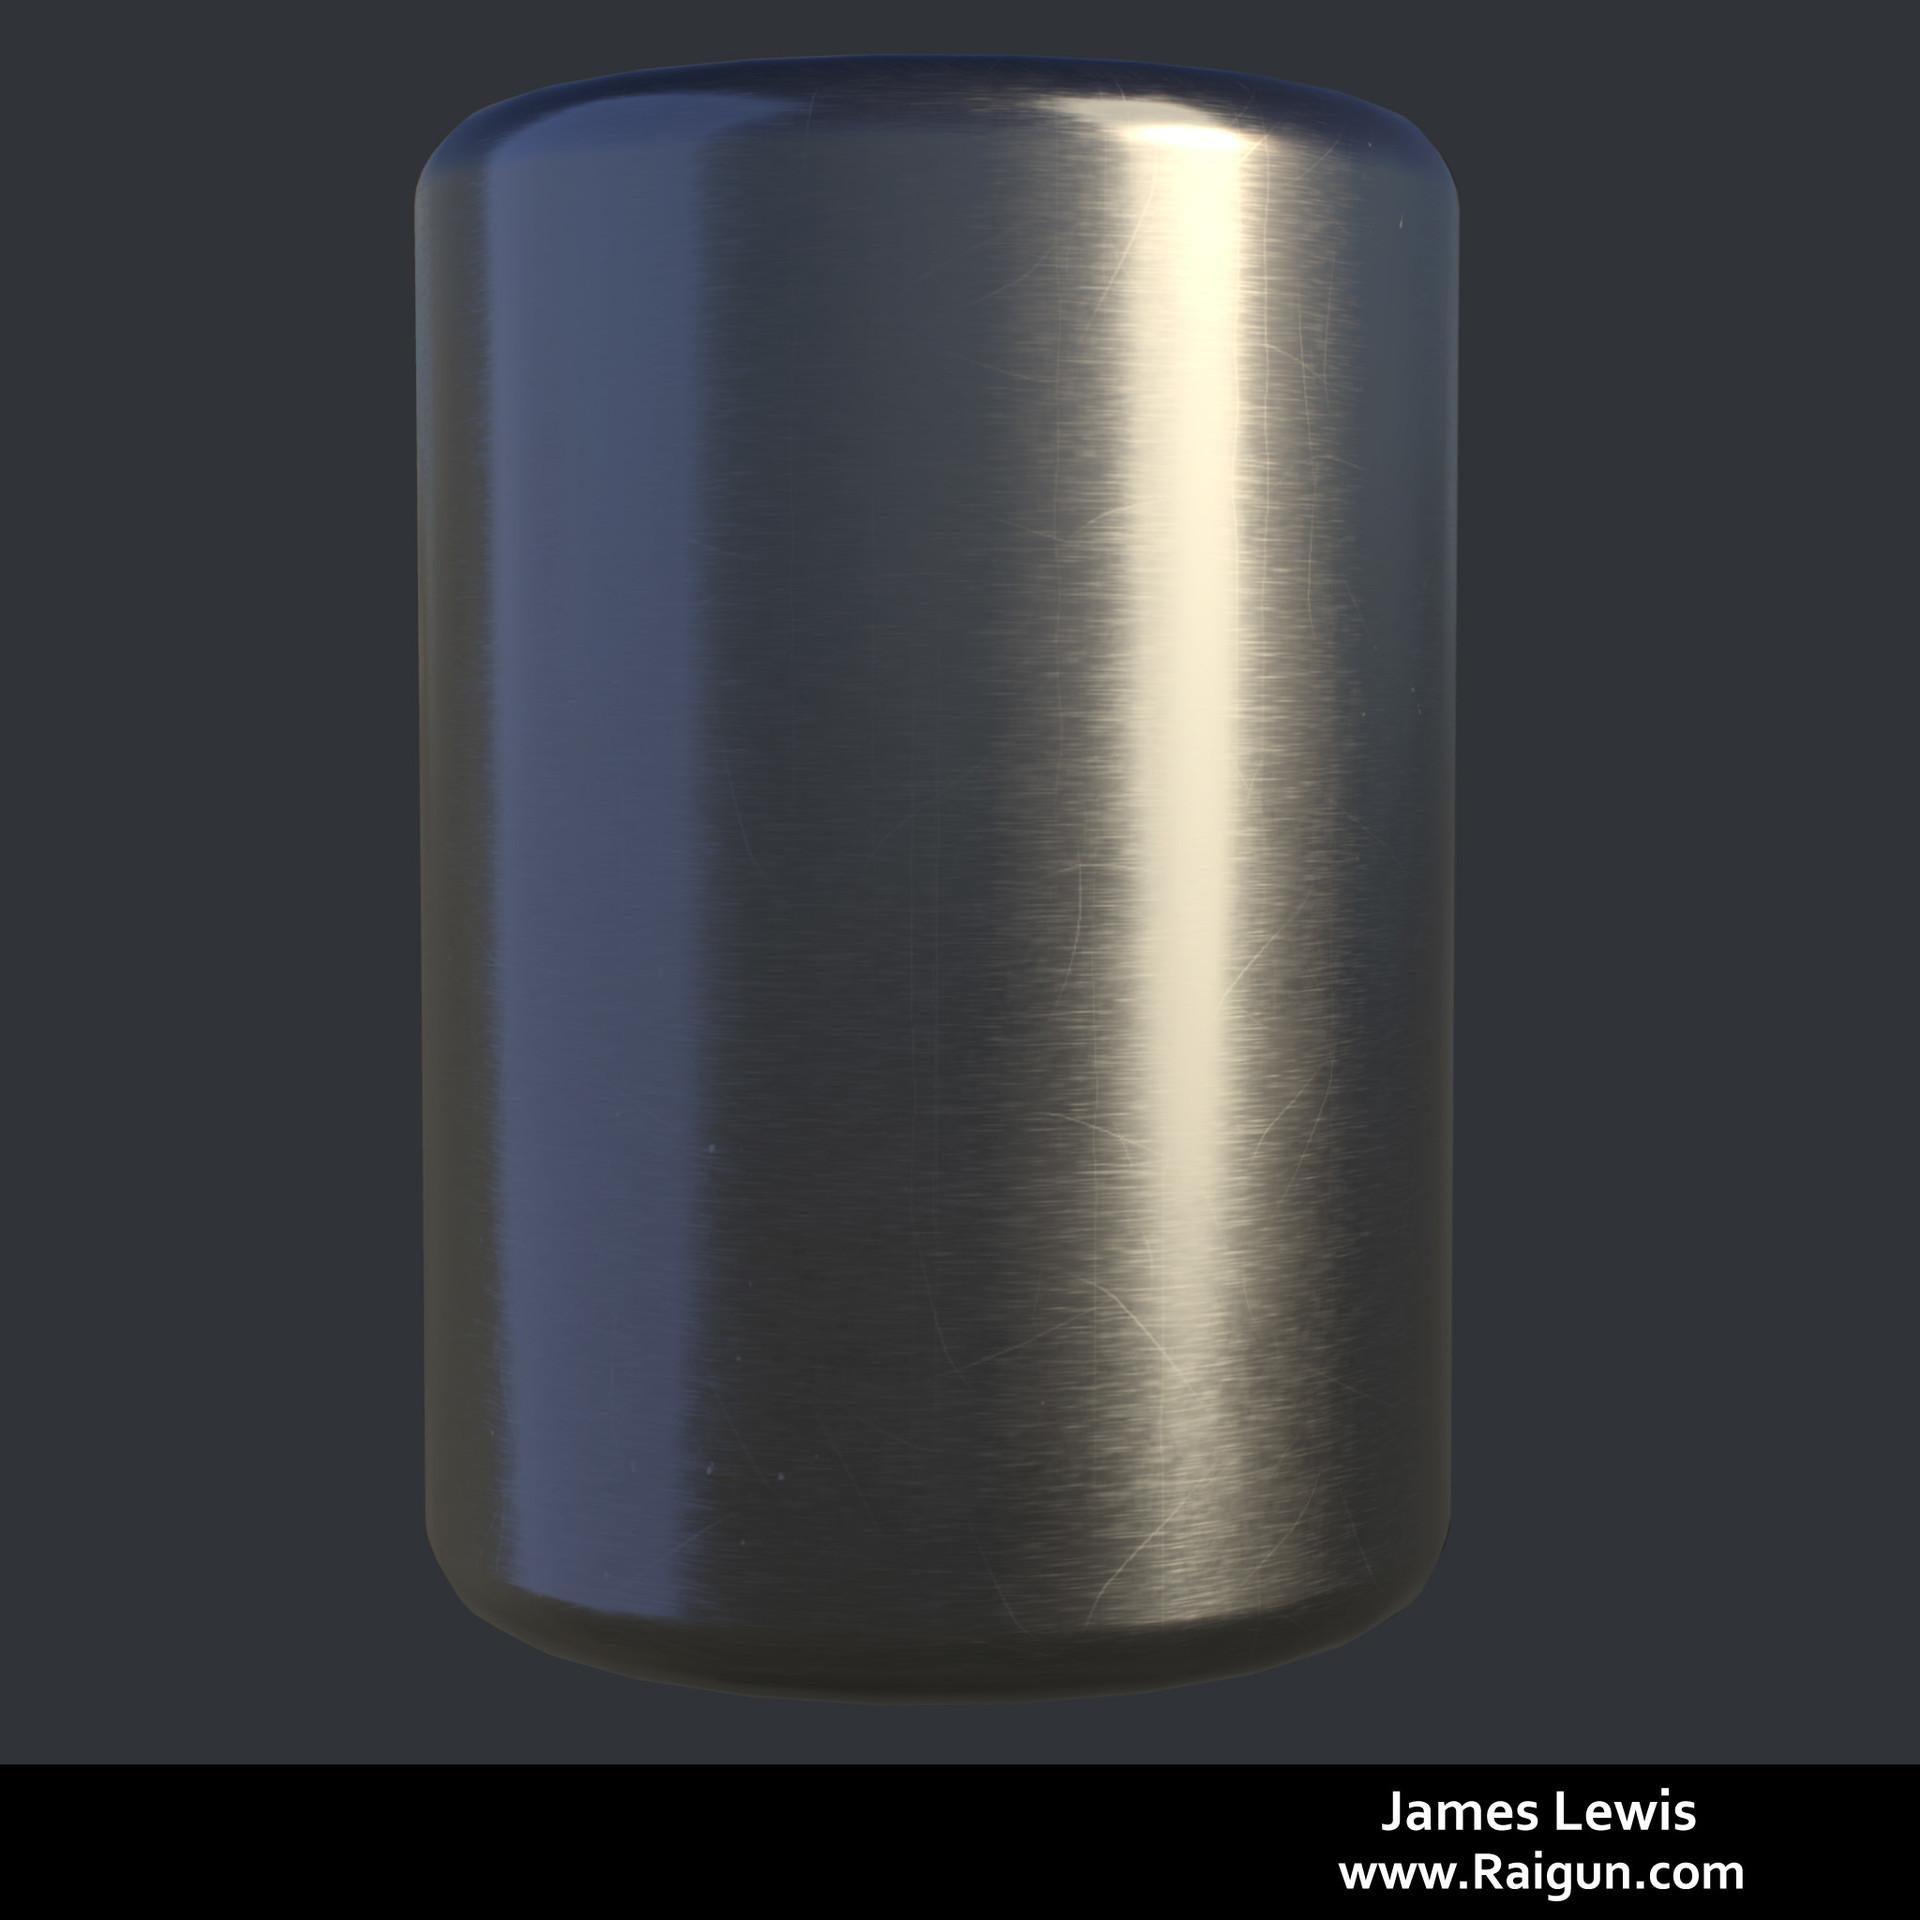 James lewis brushedmetal 001